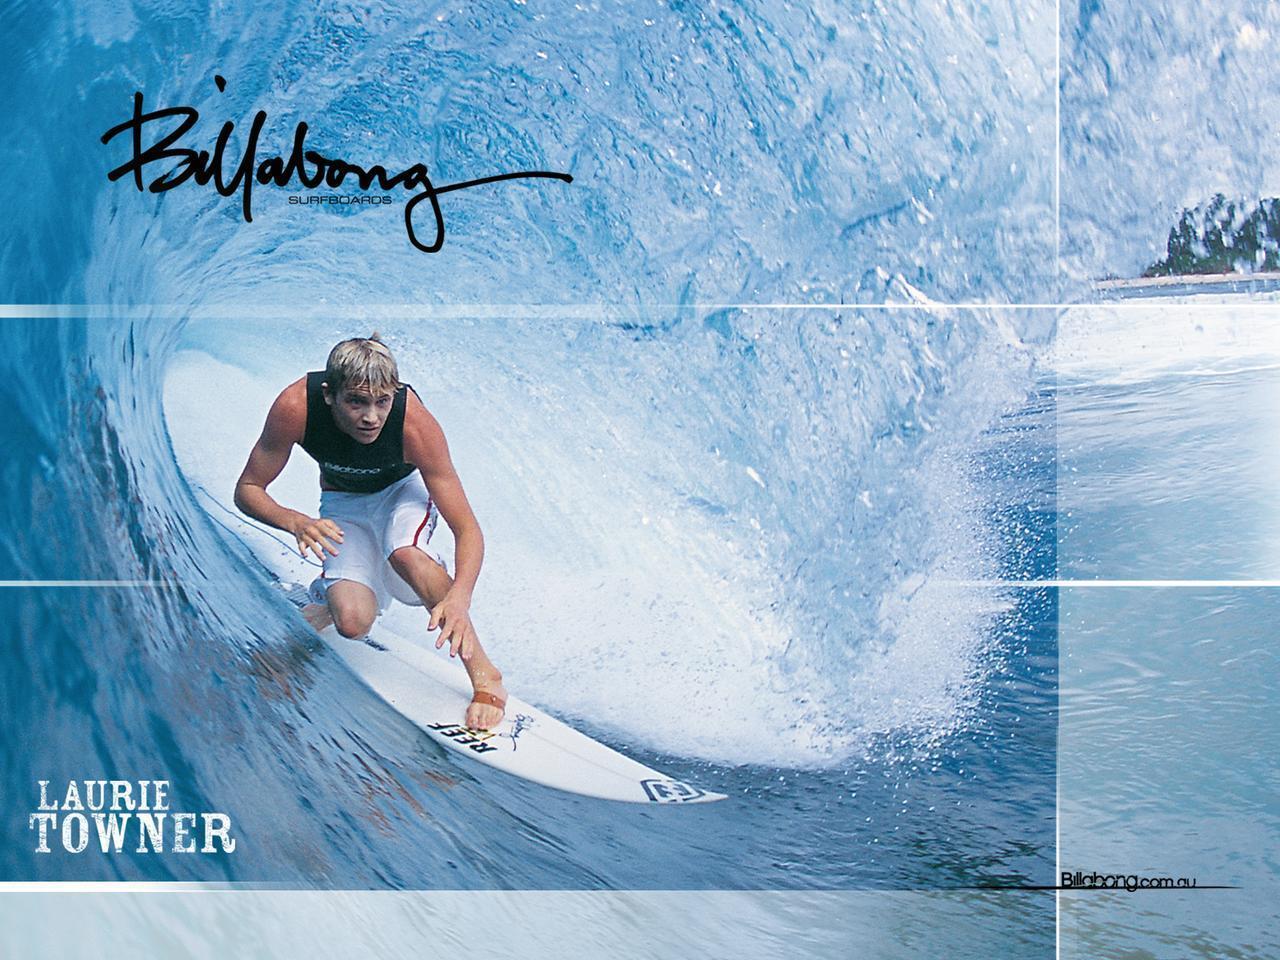 Billabong   Billabong Wallpaper 2281927 1280x960